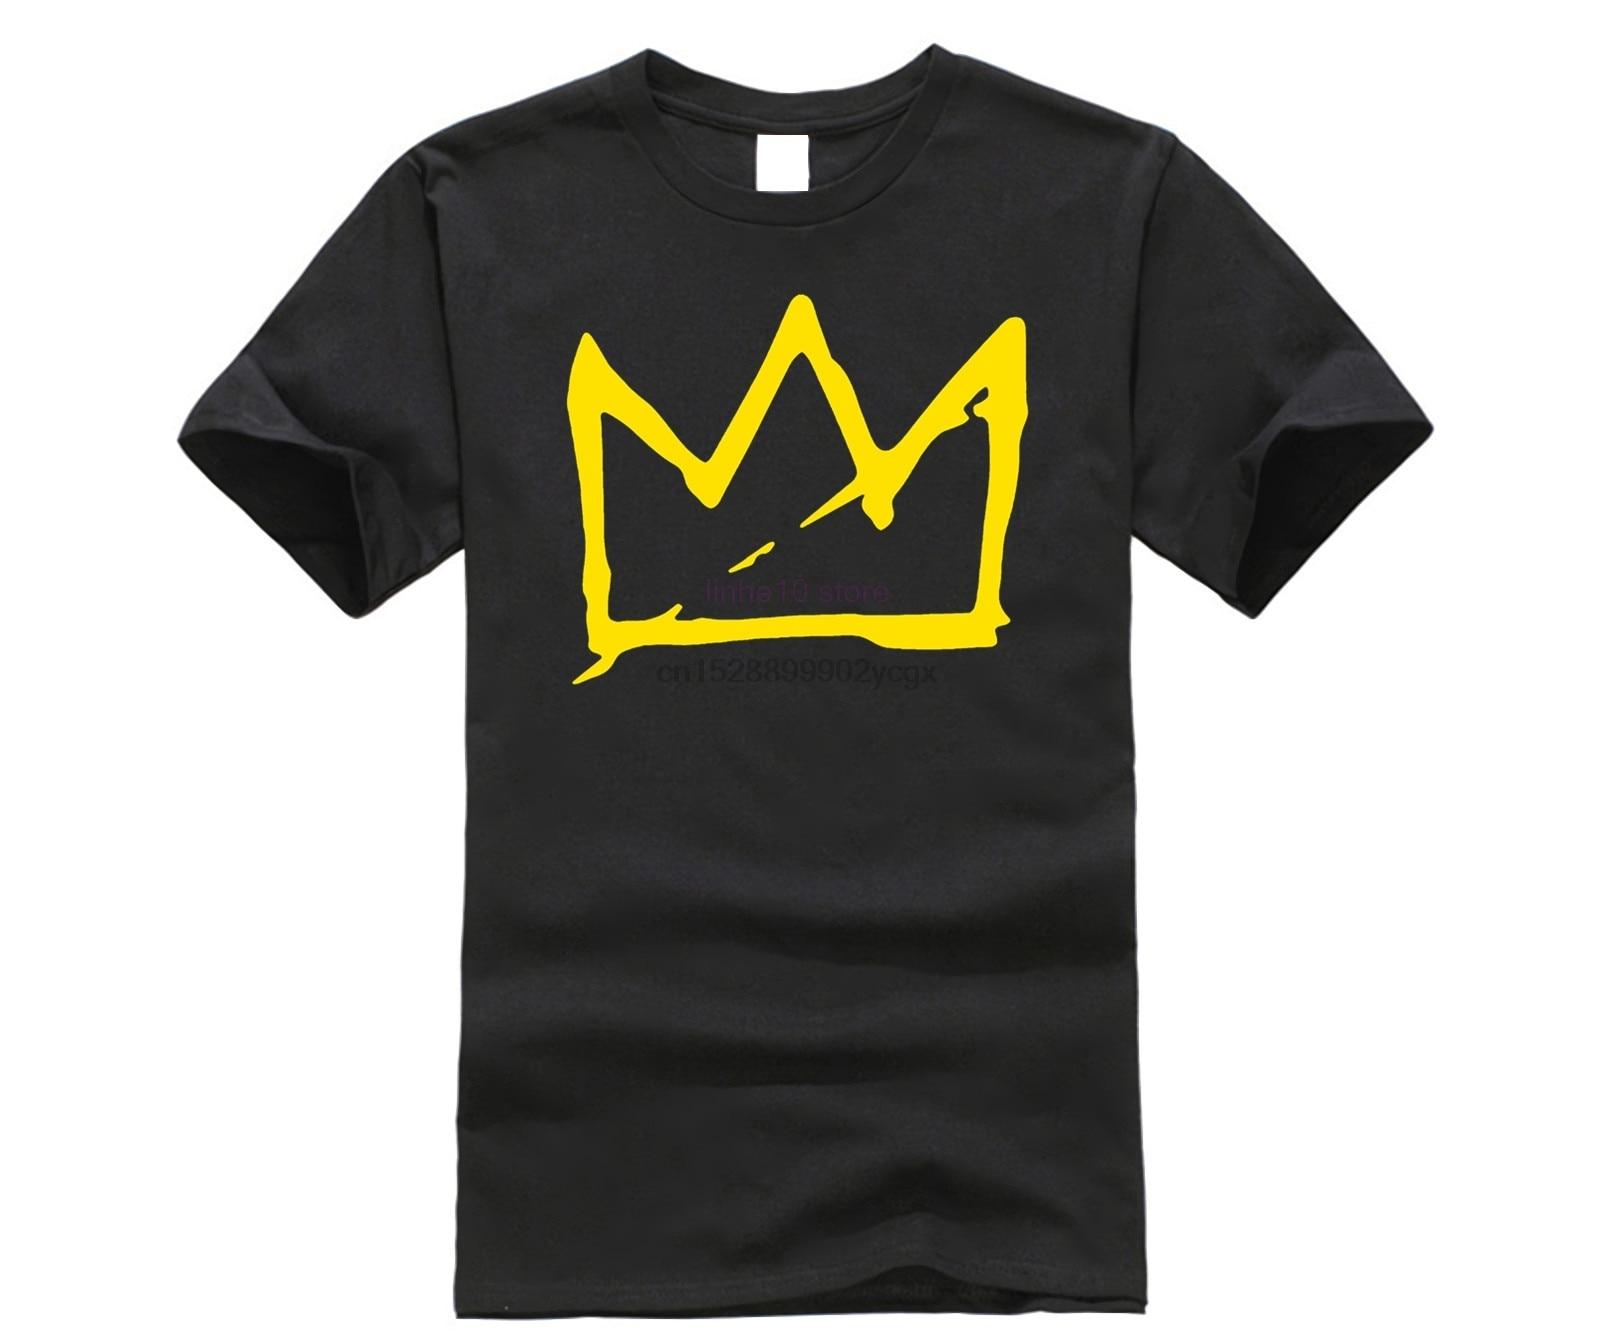 Camiseta de algodón de verano para hombre, novedad, camisetas frescas, camiseta de manga corta para hombre, Camiseta de cuello redondo de moda casual con corona de Basquiat para hombre